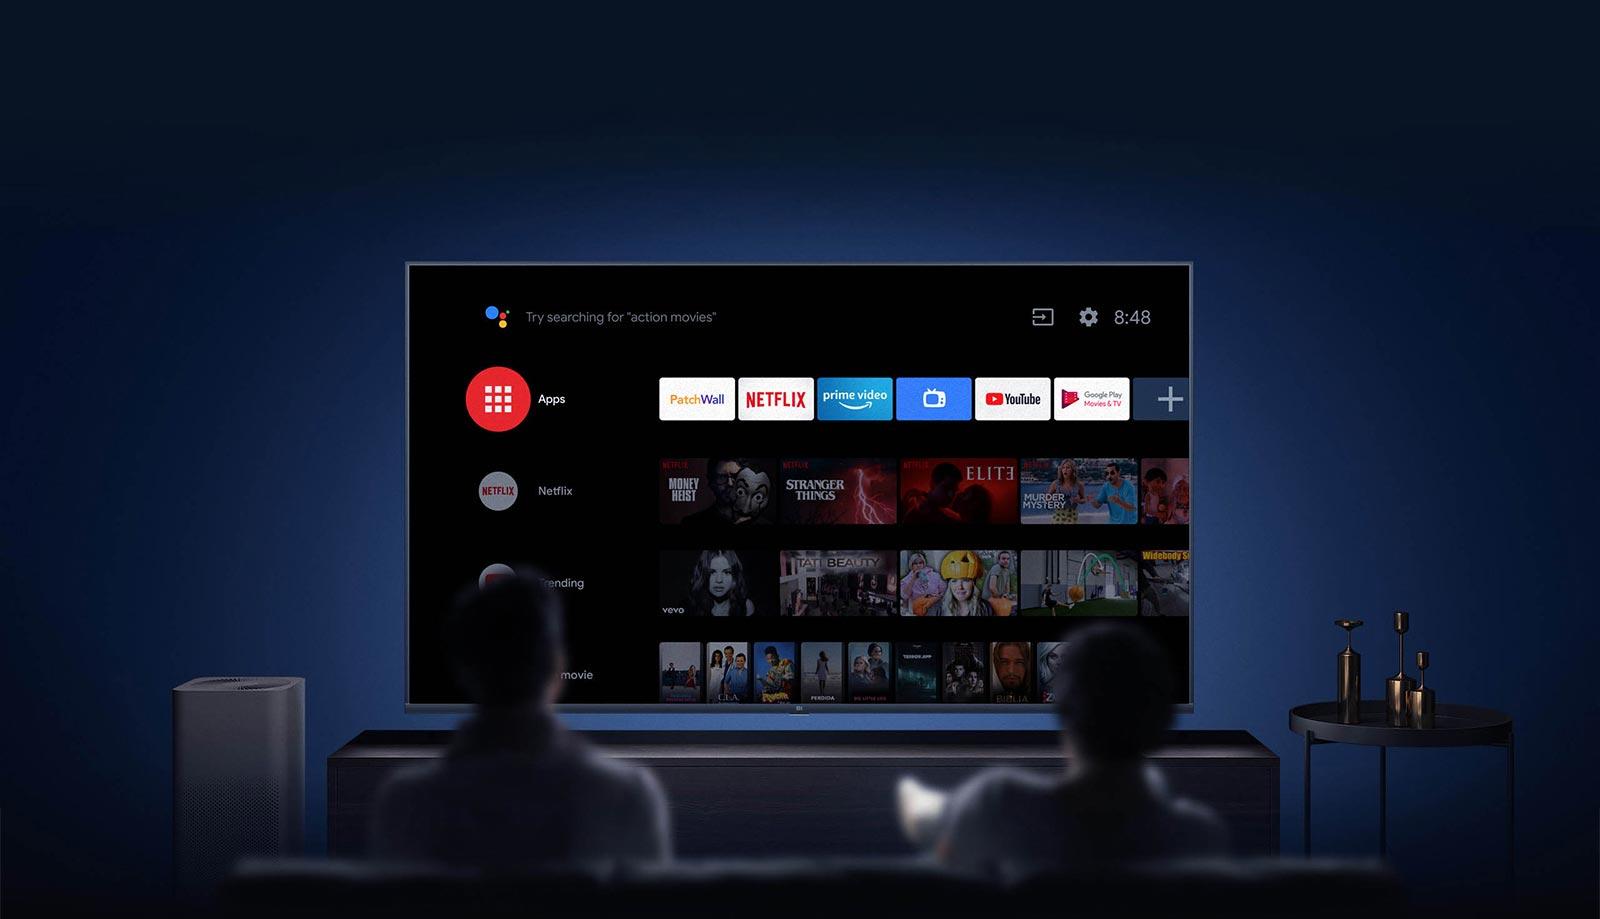 تلویزیون هوشمند شیائومی L65M5-5ASP با سیستم عامل اندروید 9